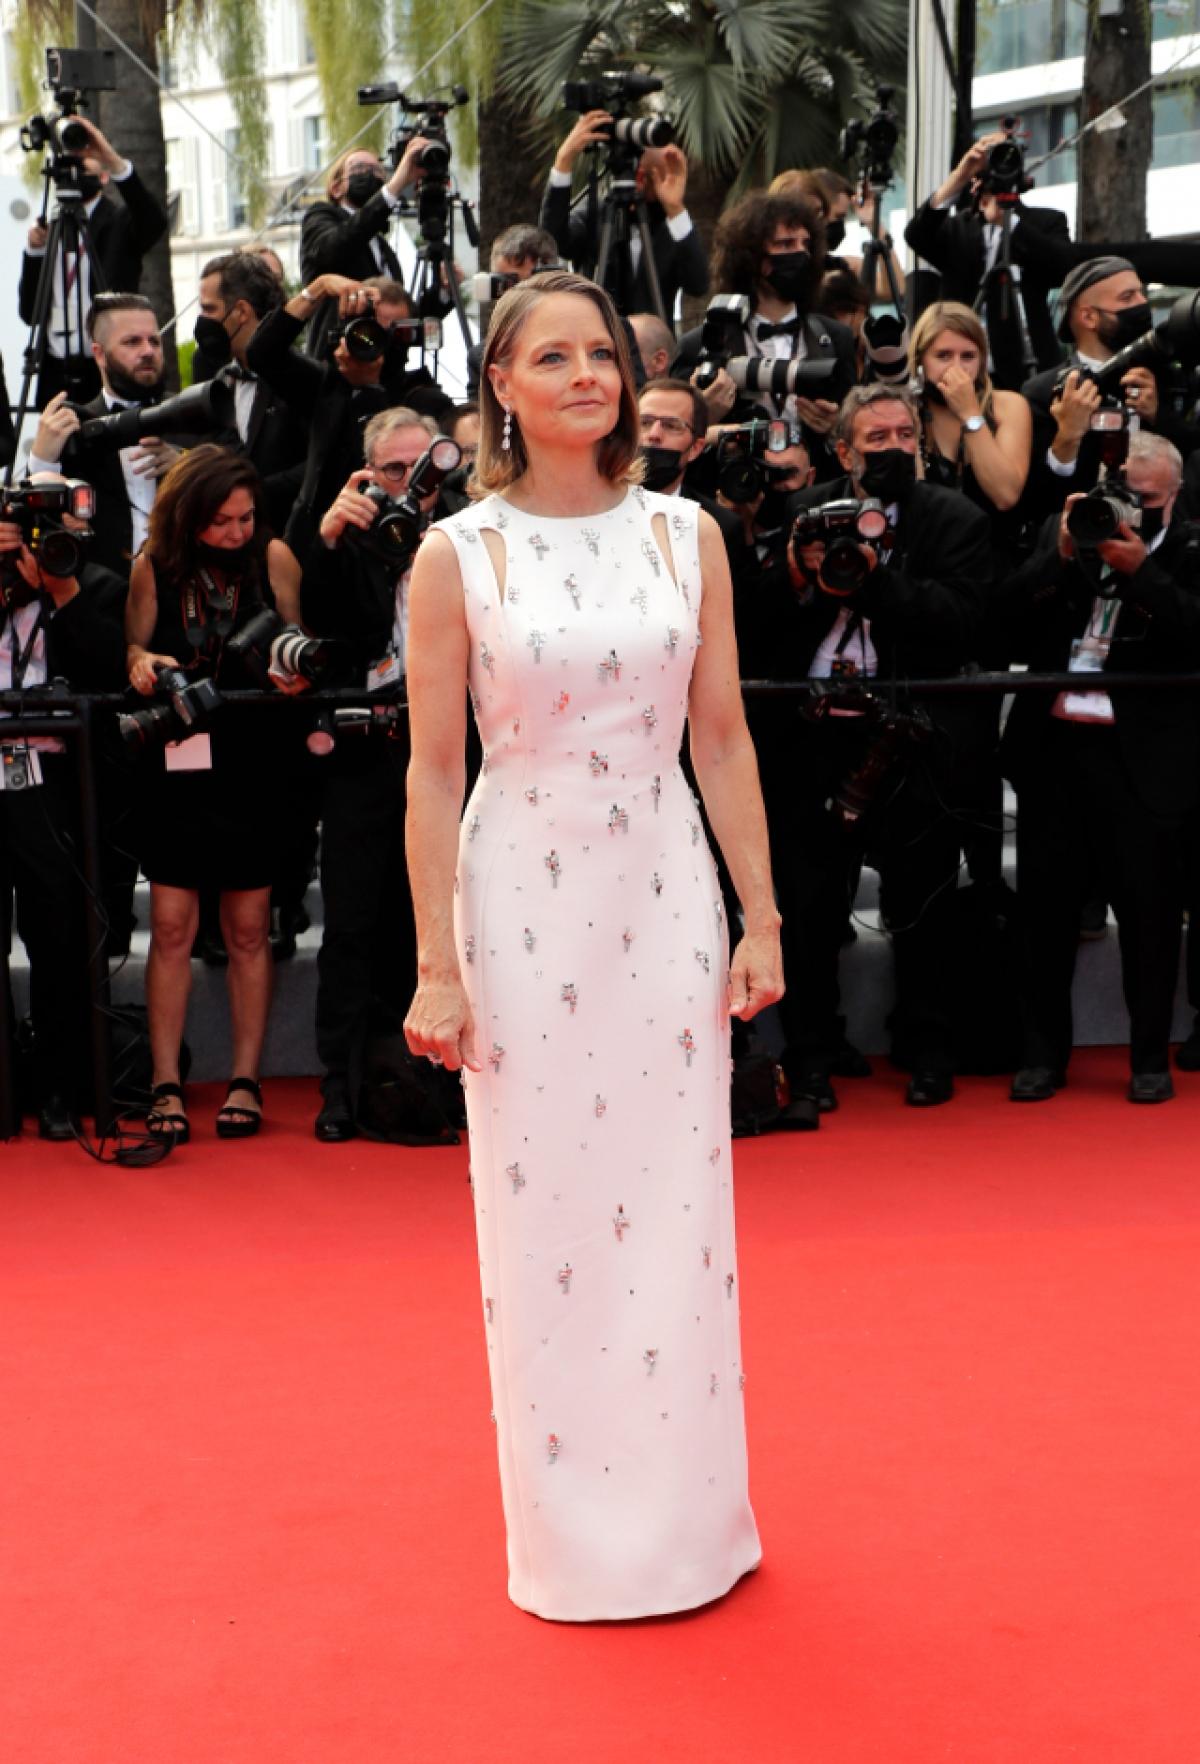 """Nữ diễn viên Jodie Foster đã tham dự đêm khai mạc Liên hoan phim Cannes trong thiết kế cao cấp đặt riêng của nhà mốt Givenchy. Cô đã nhận giải thưởng """"Cành cọ Vàng"""" danh dự của liên hoan trong chiếc váy lụa trắng được thiết kế với các chi tiết cut-out tinh tế và họa tiết thêu."""